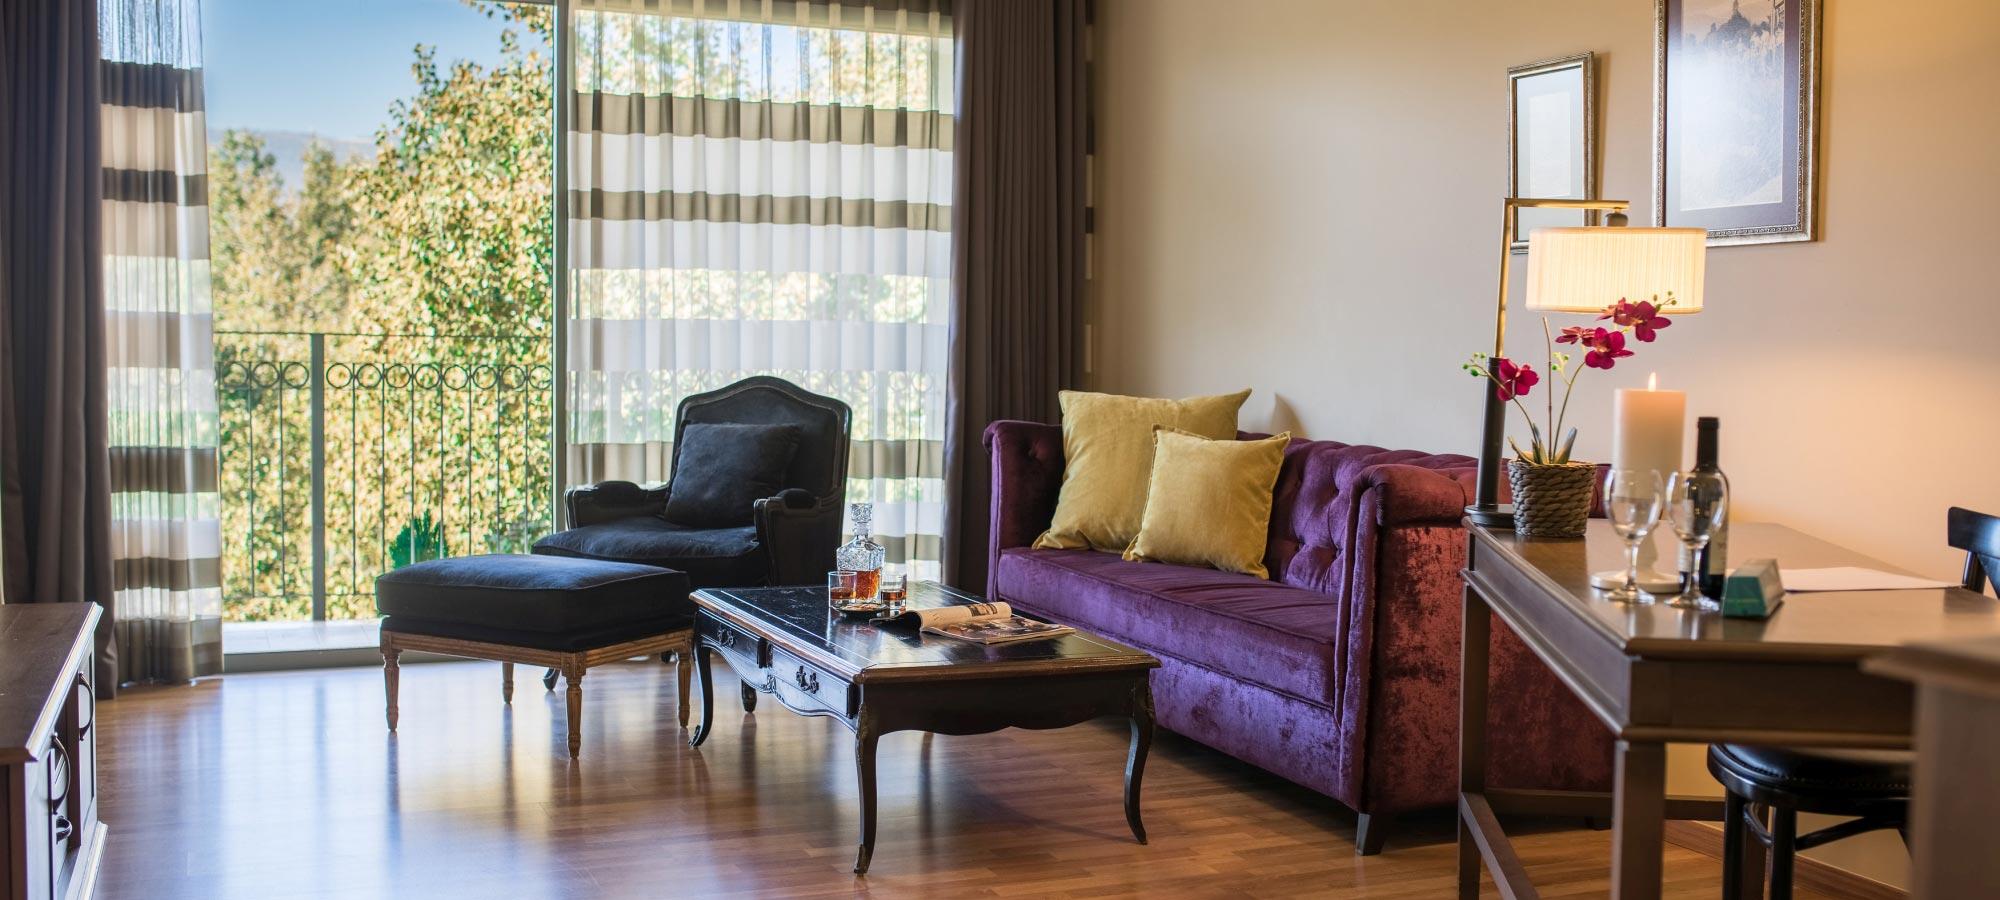 Hagoshrim Hotel - Spa